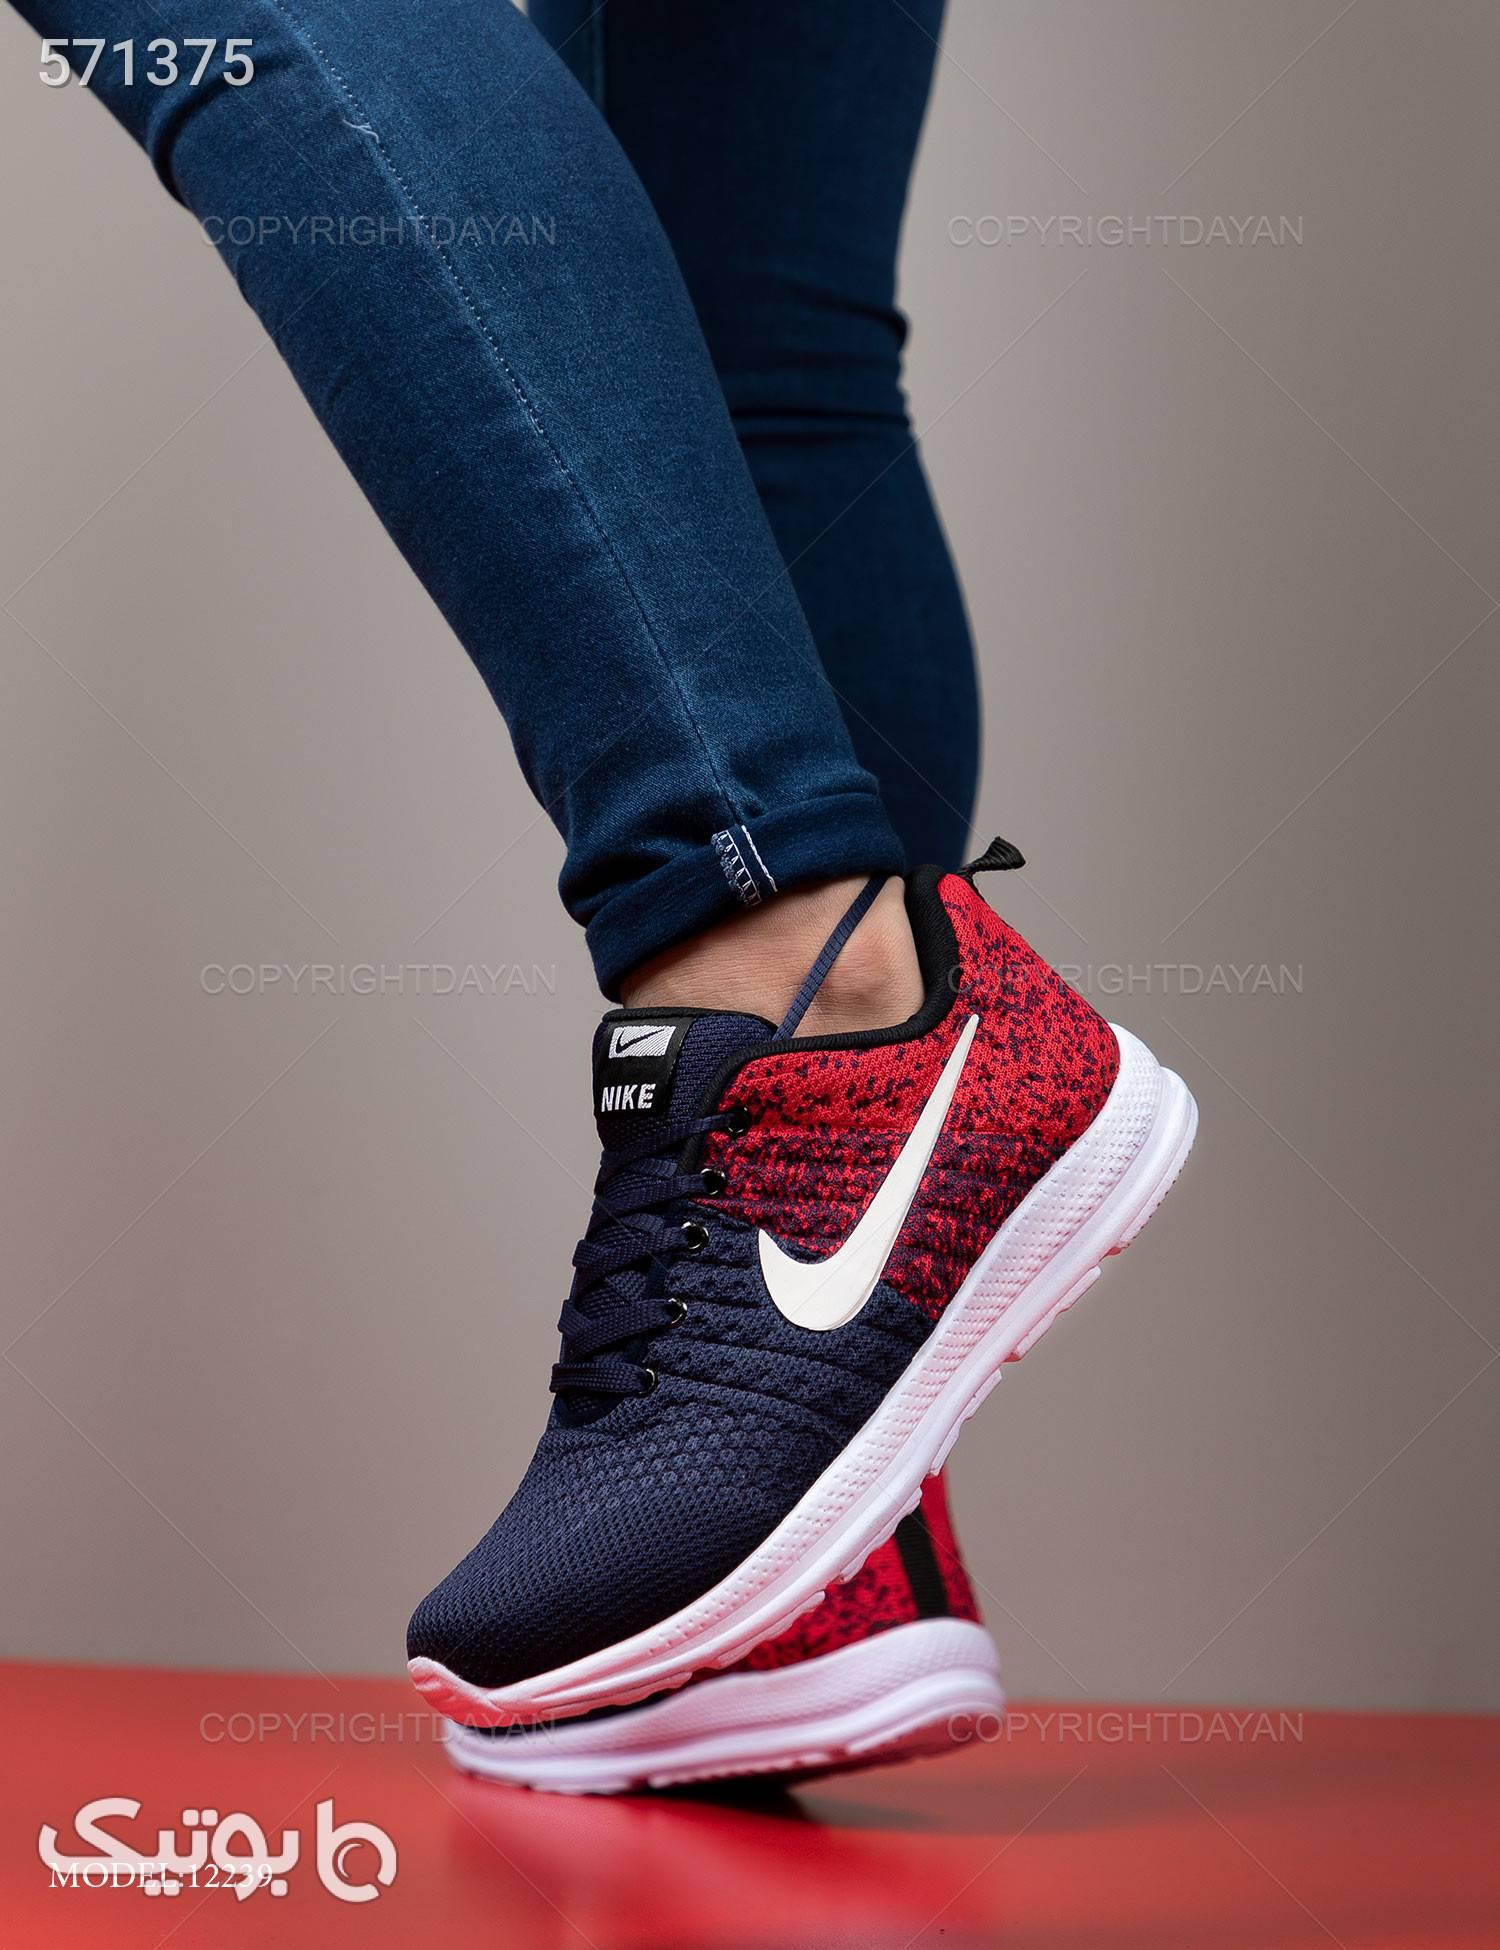 کفش مردانه Nike مدل 12239 سورمه ای كتانی مردانه